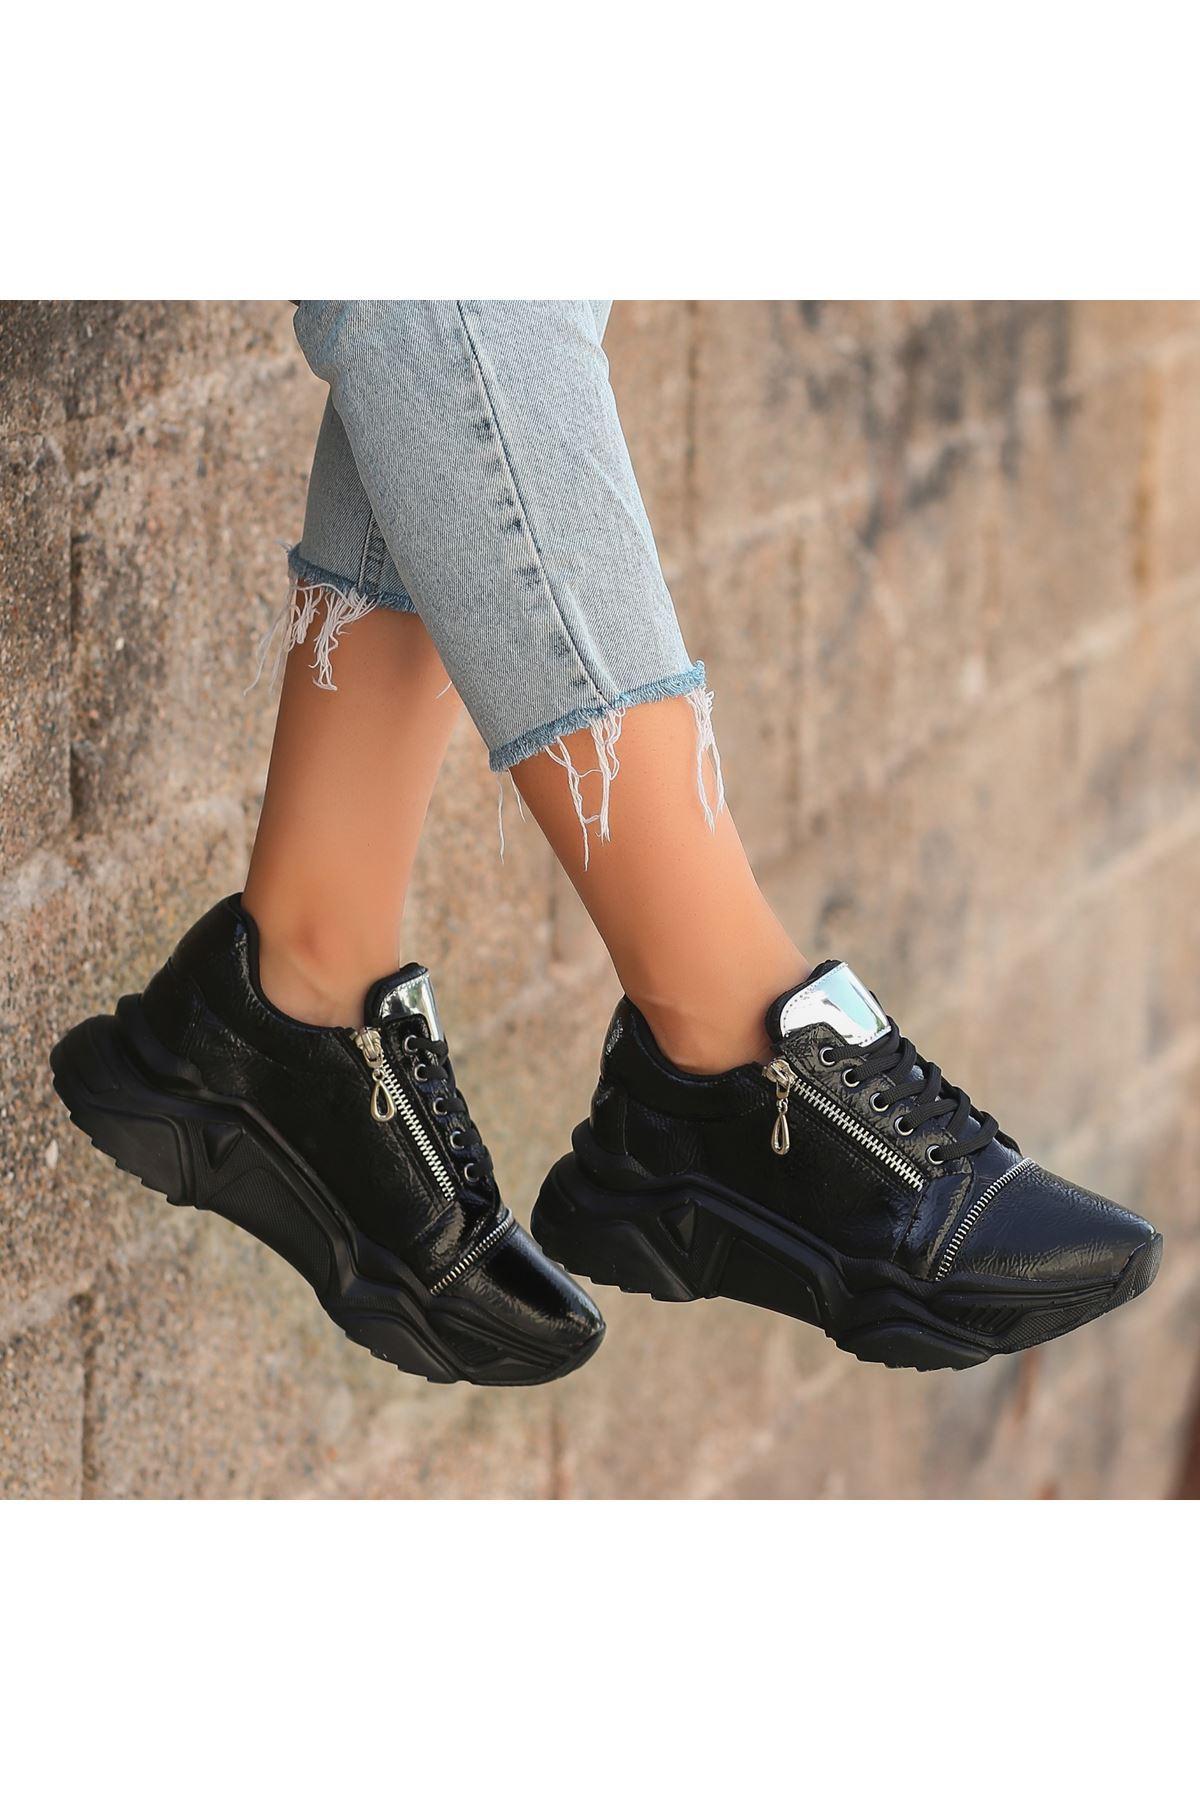 Uron Siyah Rugan Bağcıklı Spor Ayakkabı